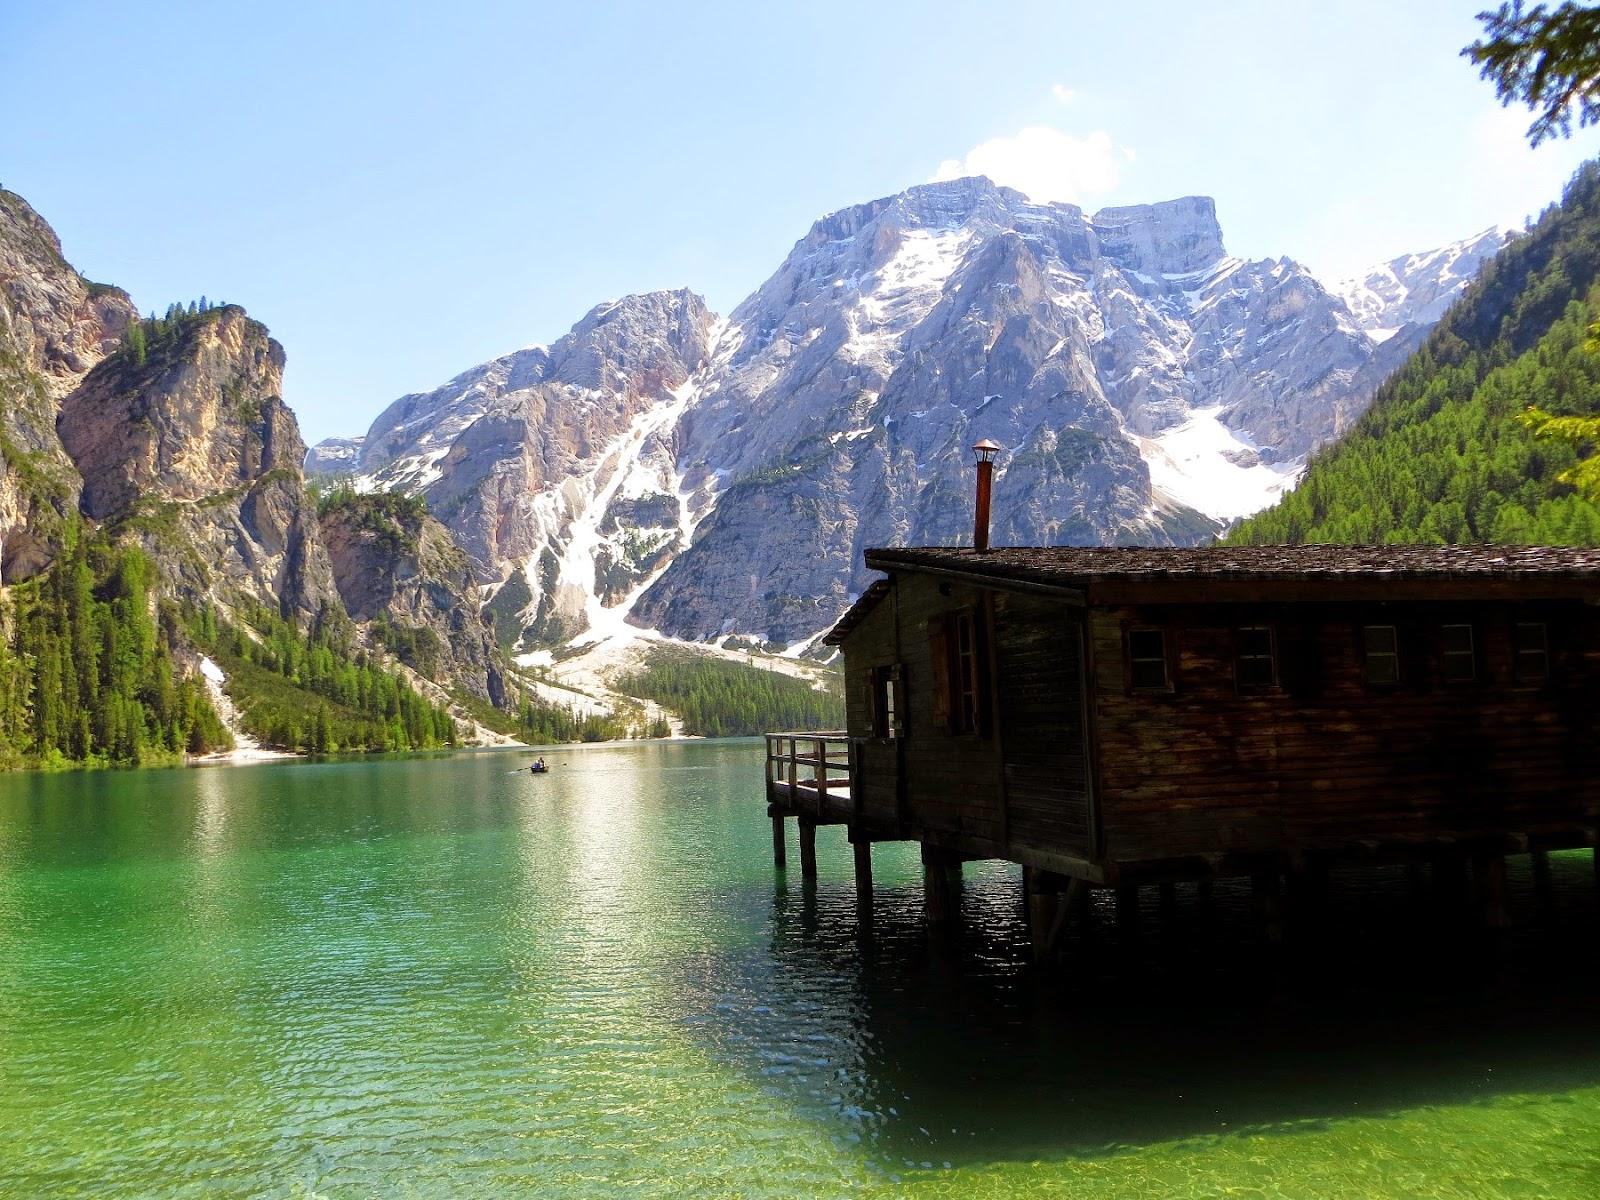 Il giro del lago di braies una facile escursione for Www home piani foto